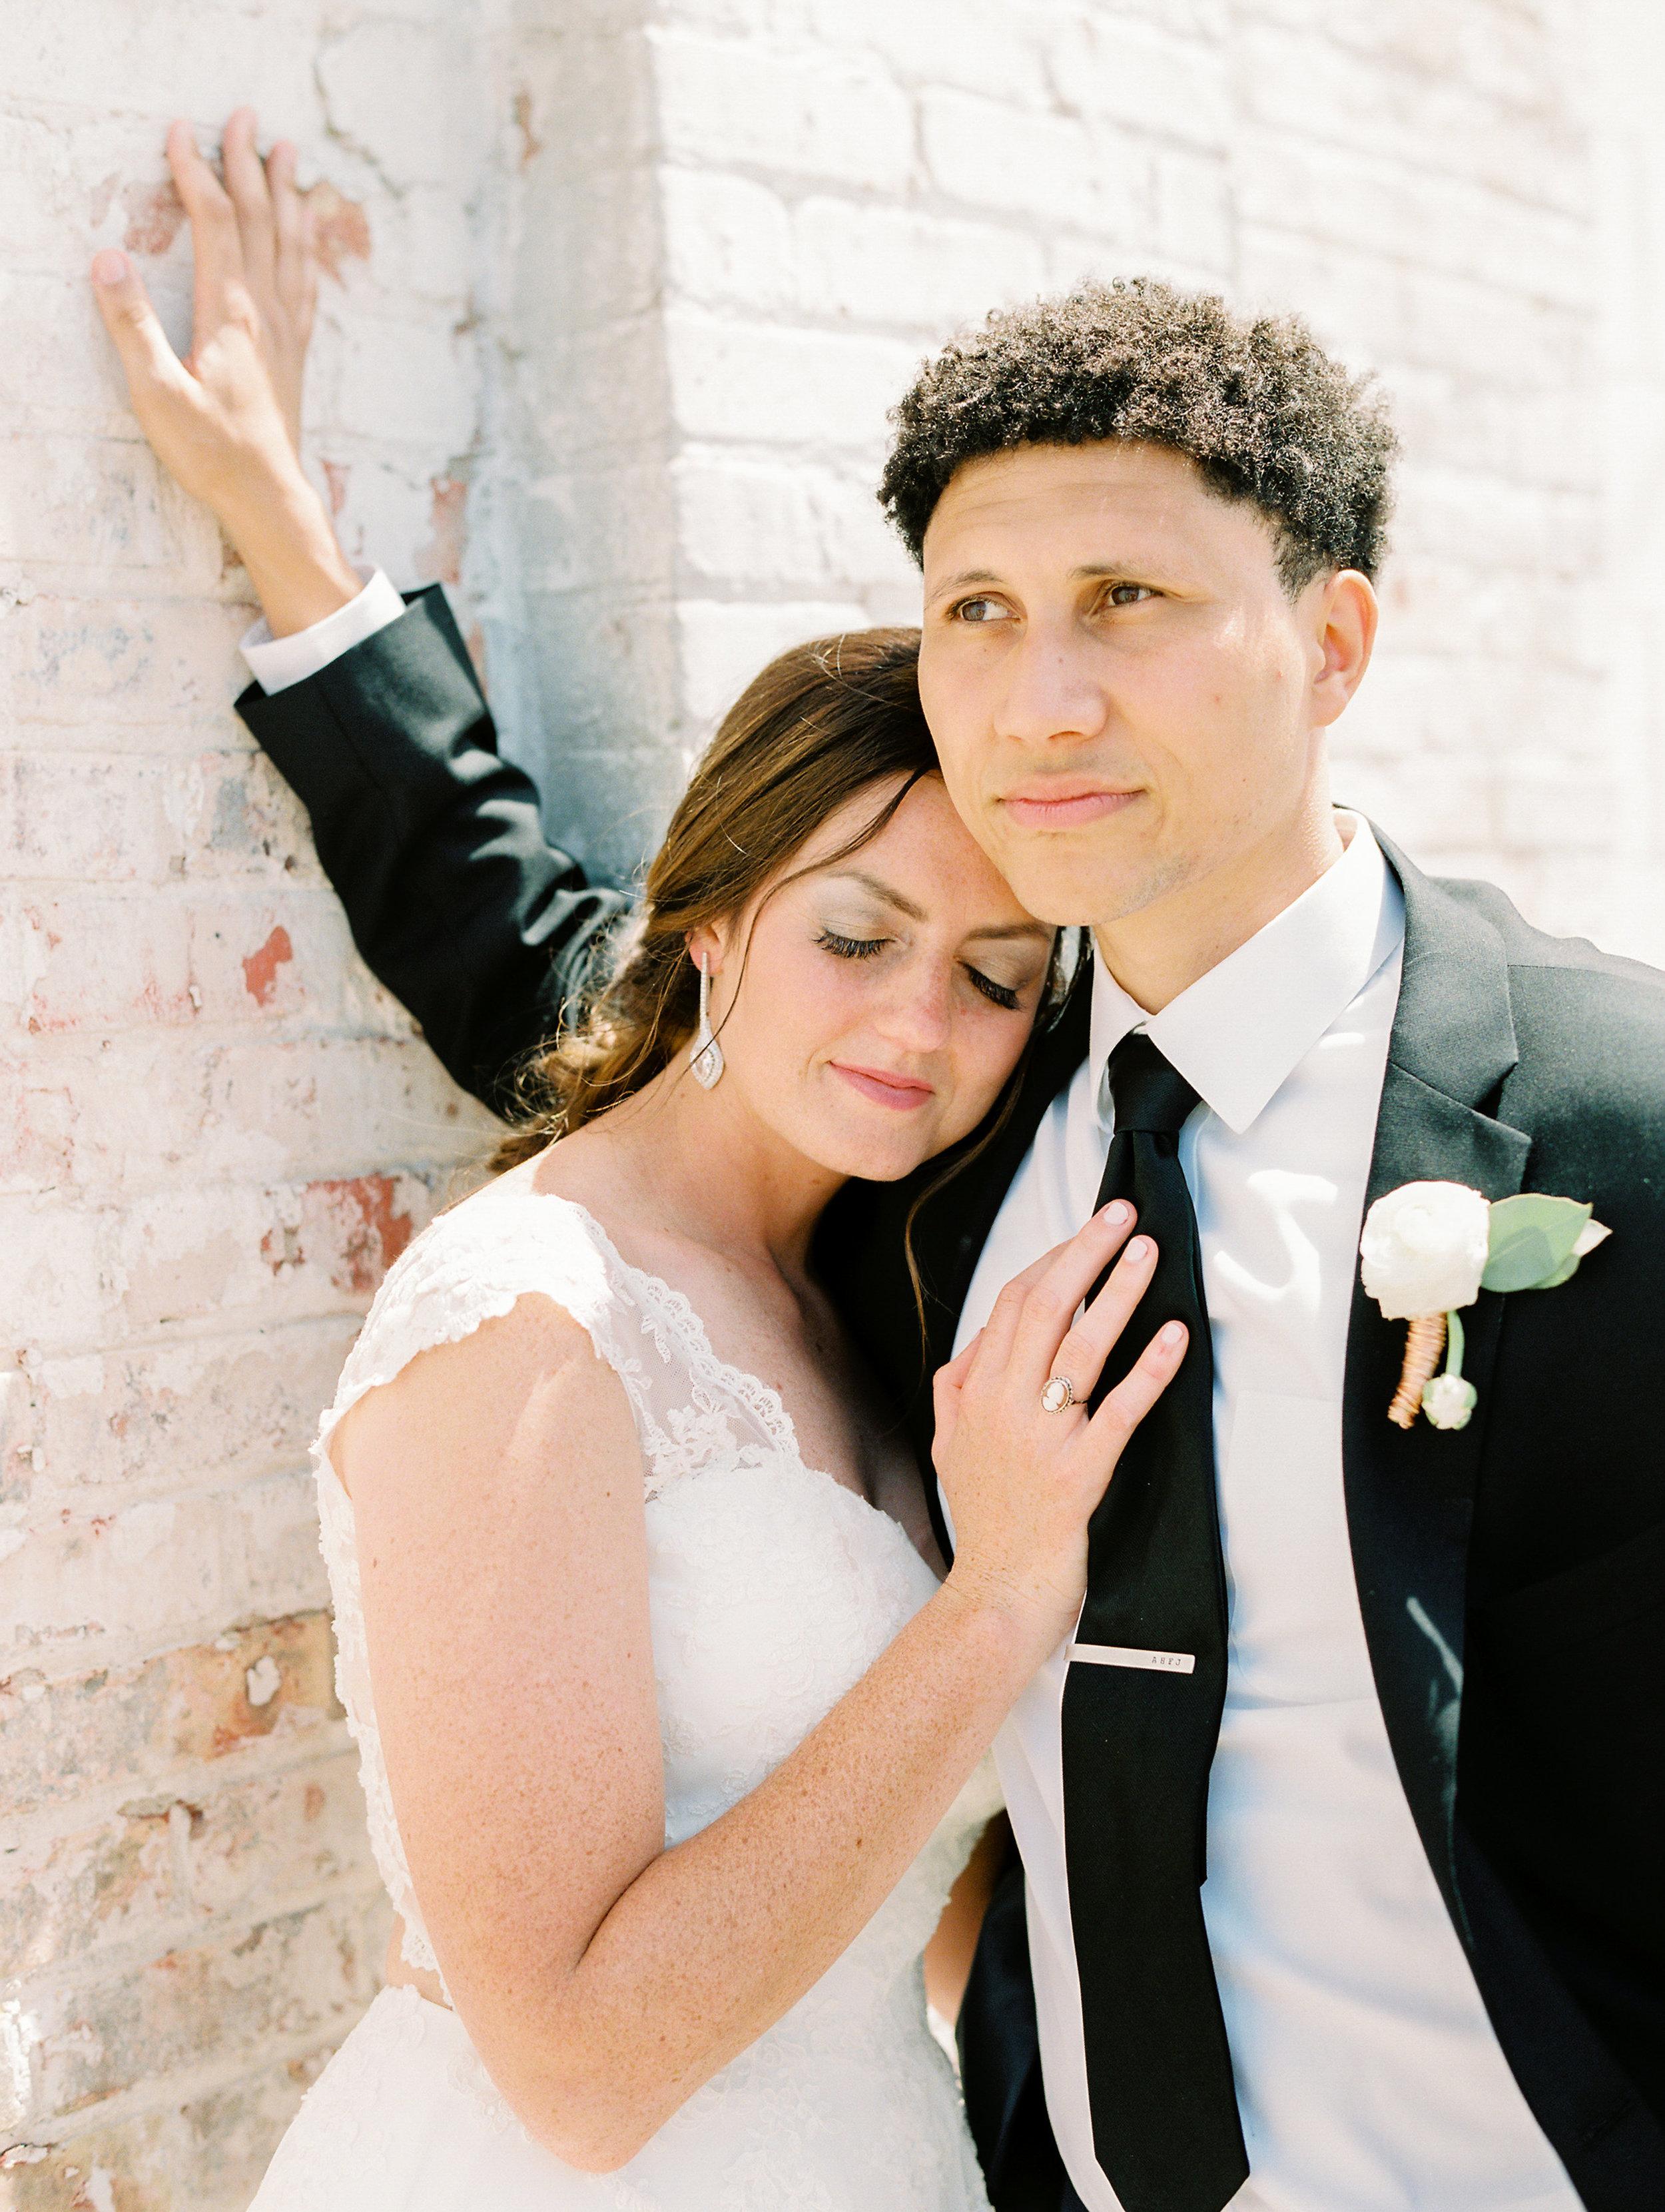 Julius+Wedding+BridalPartyf-95.jpg